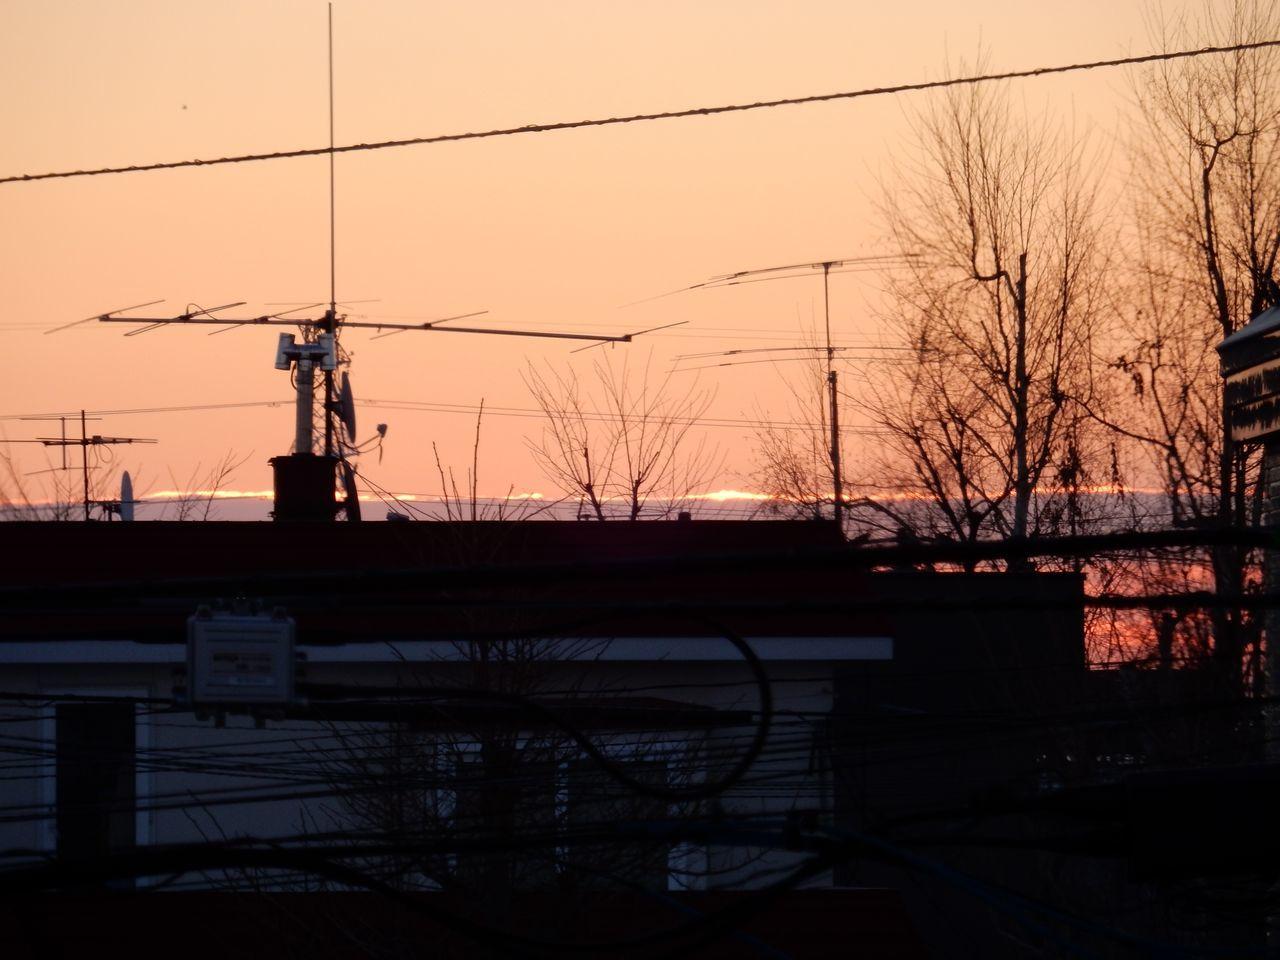 冬至の翌朝_c0025115_20153528.jpg